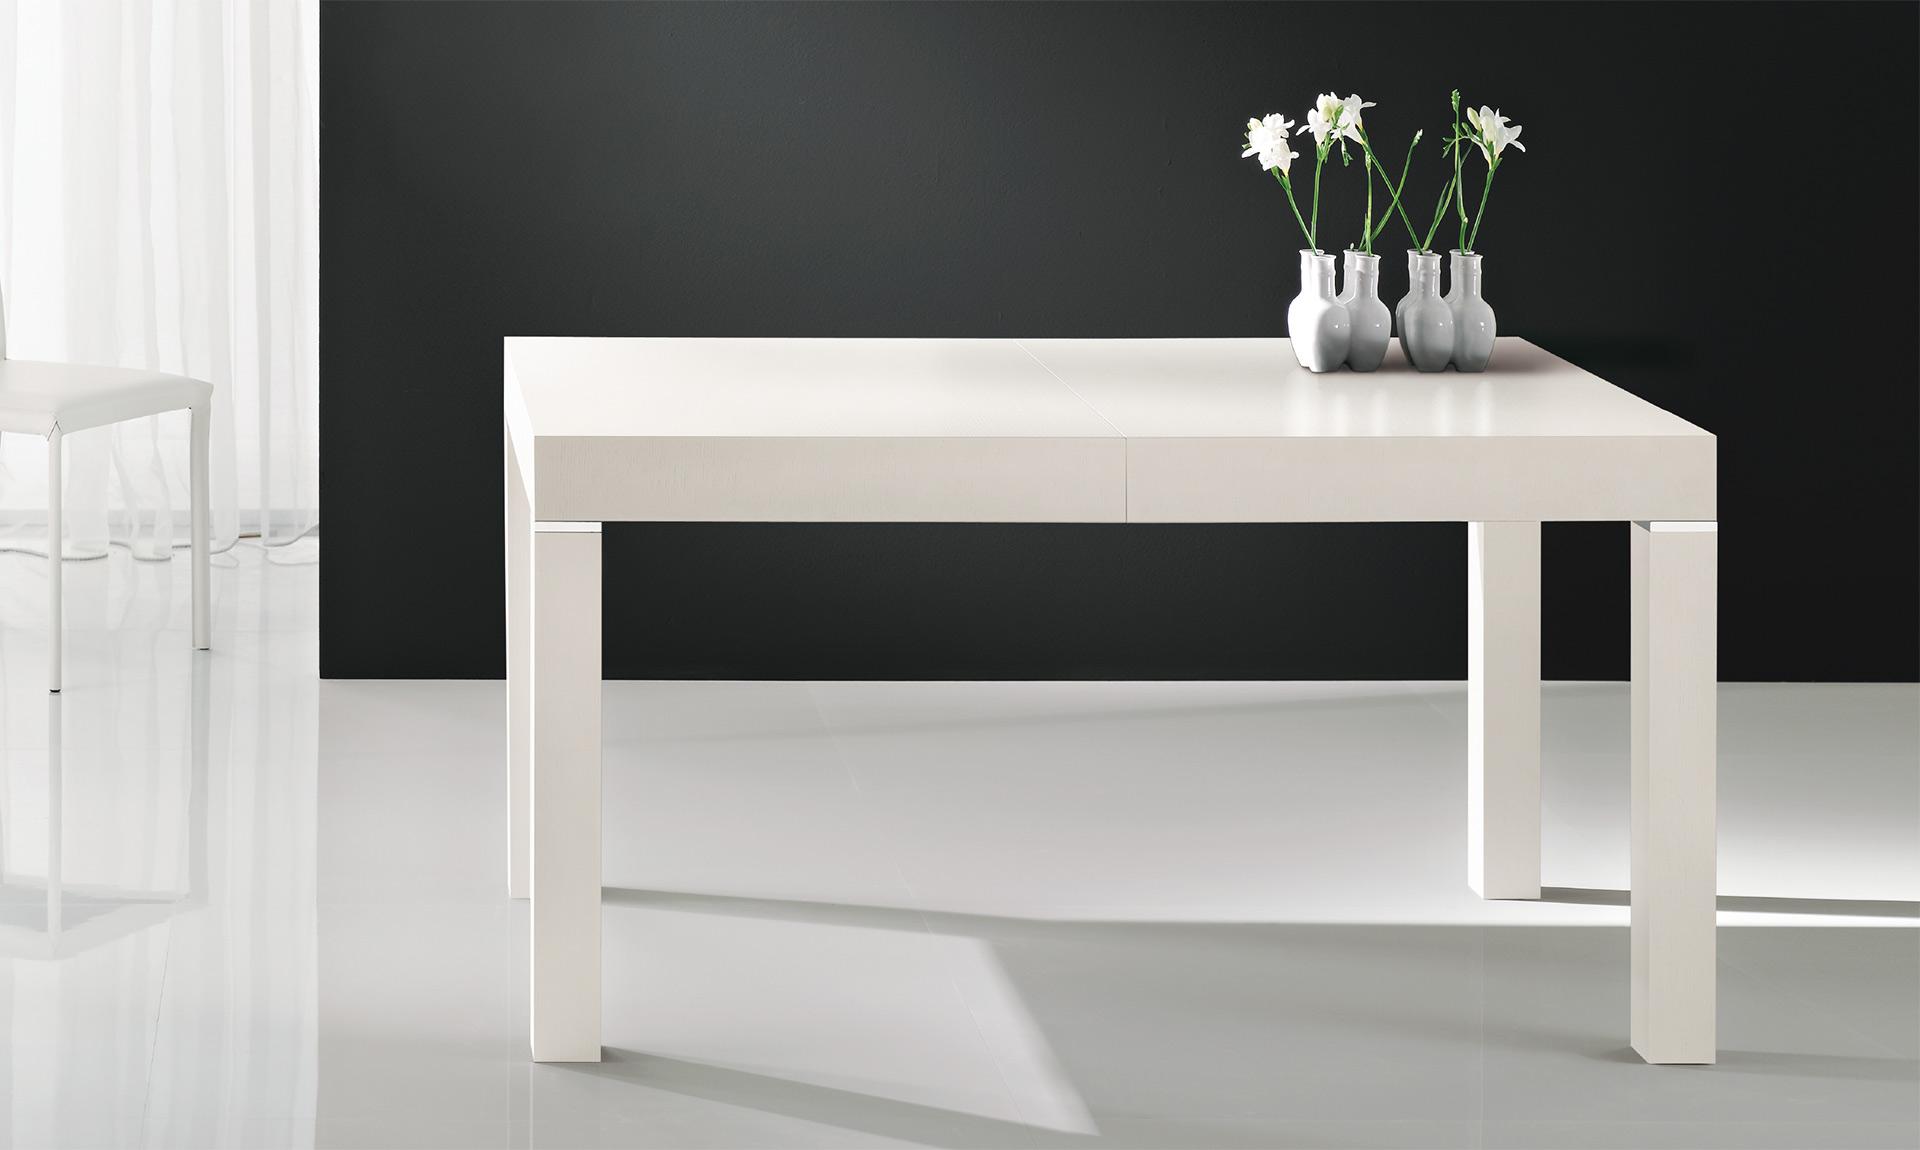 Tavolo in legno club meroni arreda - Tavolo quadrato allungabile moderno ...